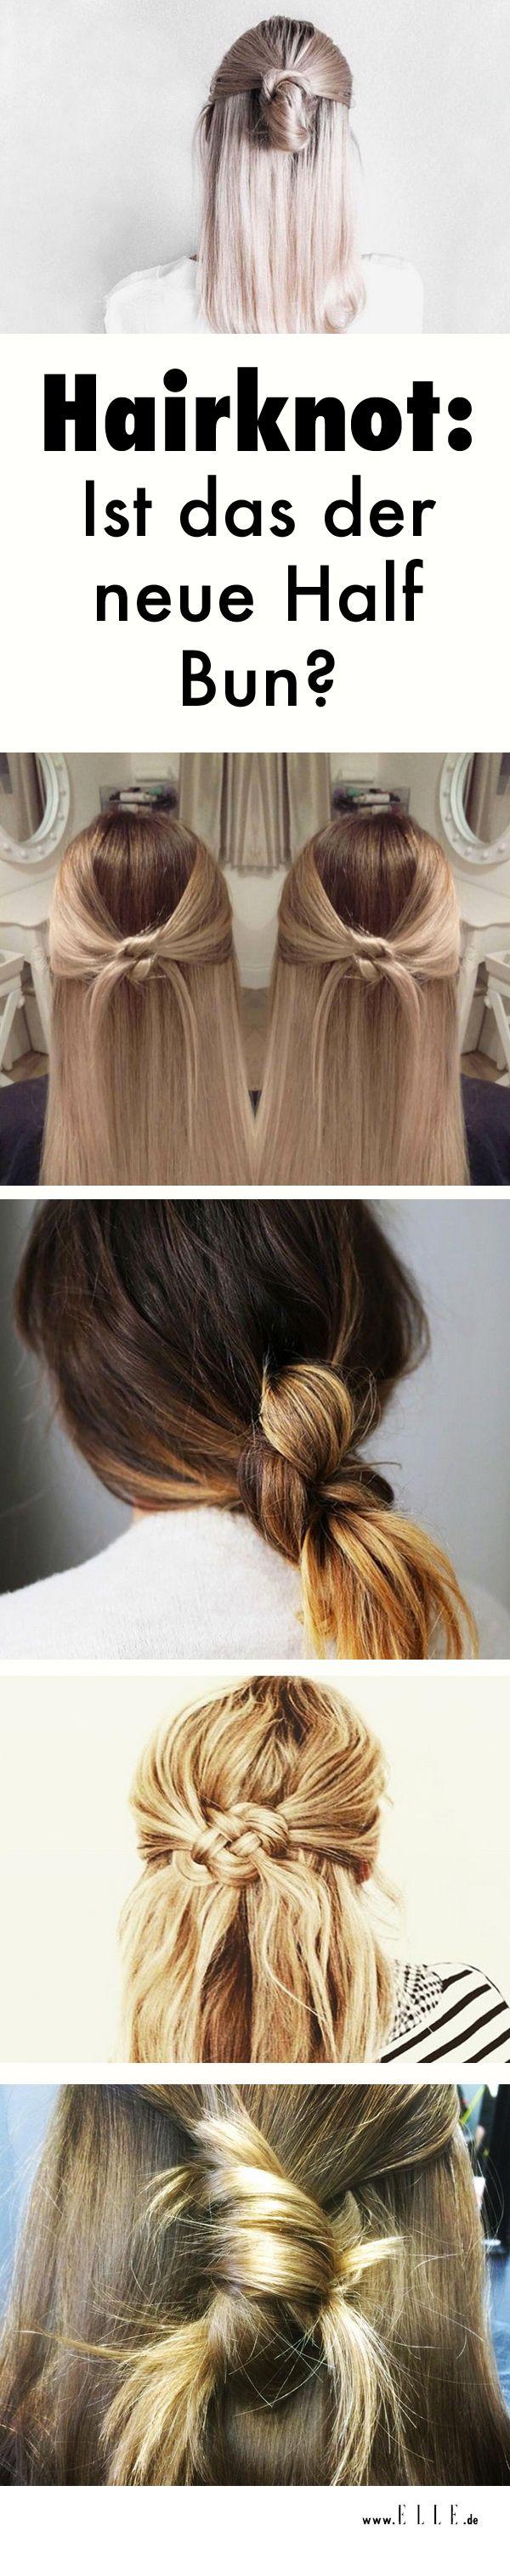 Kunstvoller als der Half Bun, aber nicht weniger lässig: Der Hairknot hat das Zeug zur absoluten Trendfrisur des Jahres! Wir erklären, wie er funktioniert.